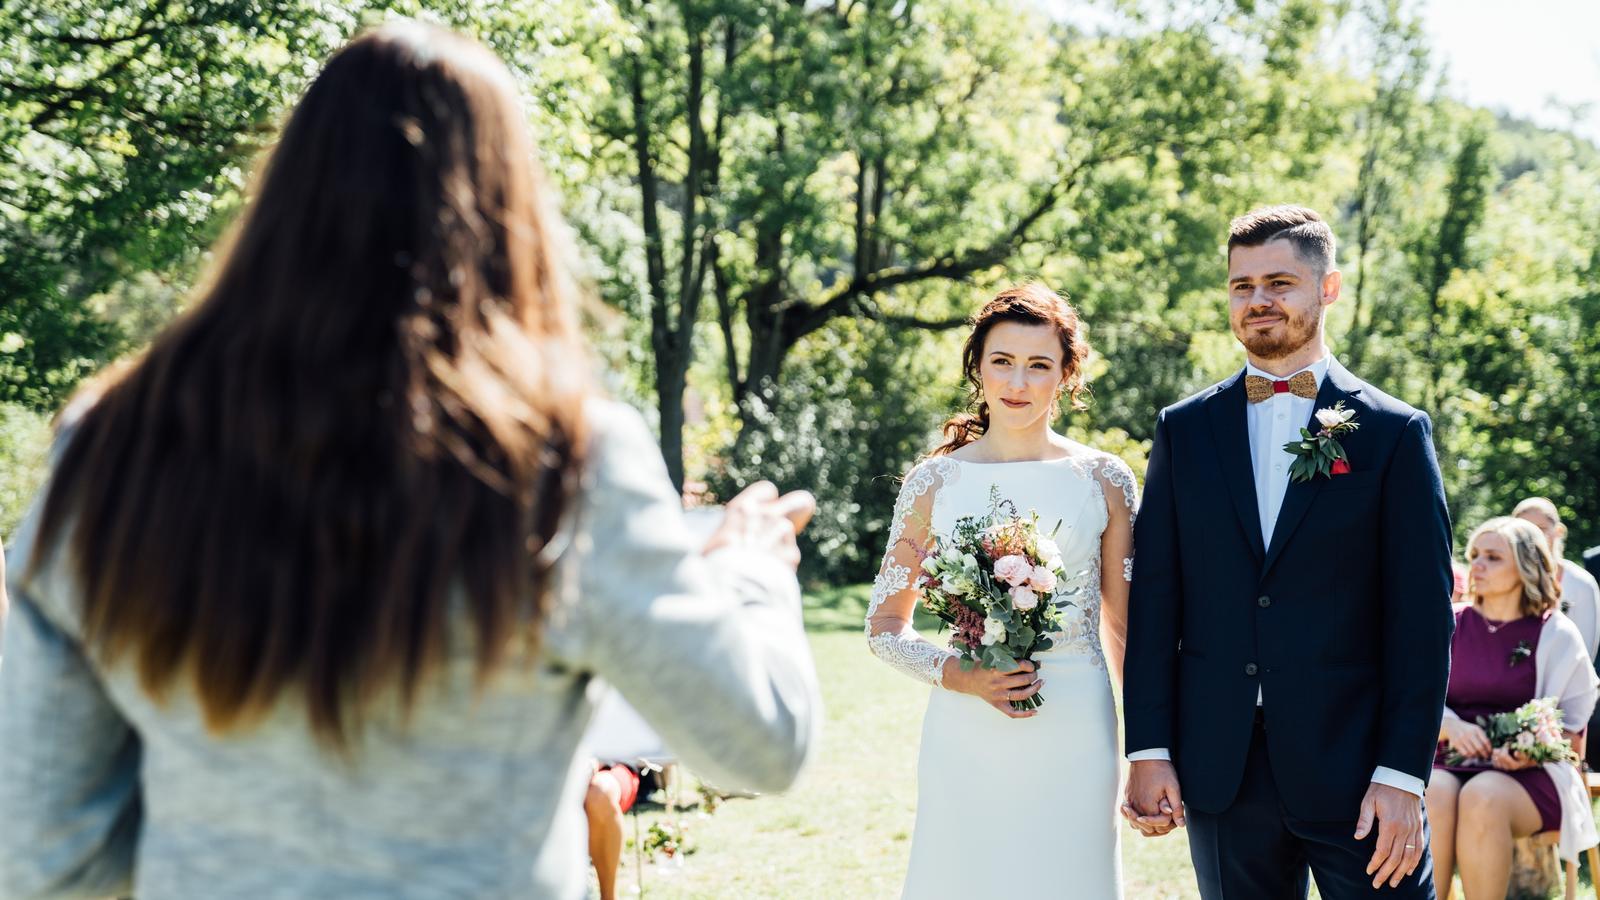 Kateřina & Tomáš (Podzimní svatba 2019) - Obrázek č. 15